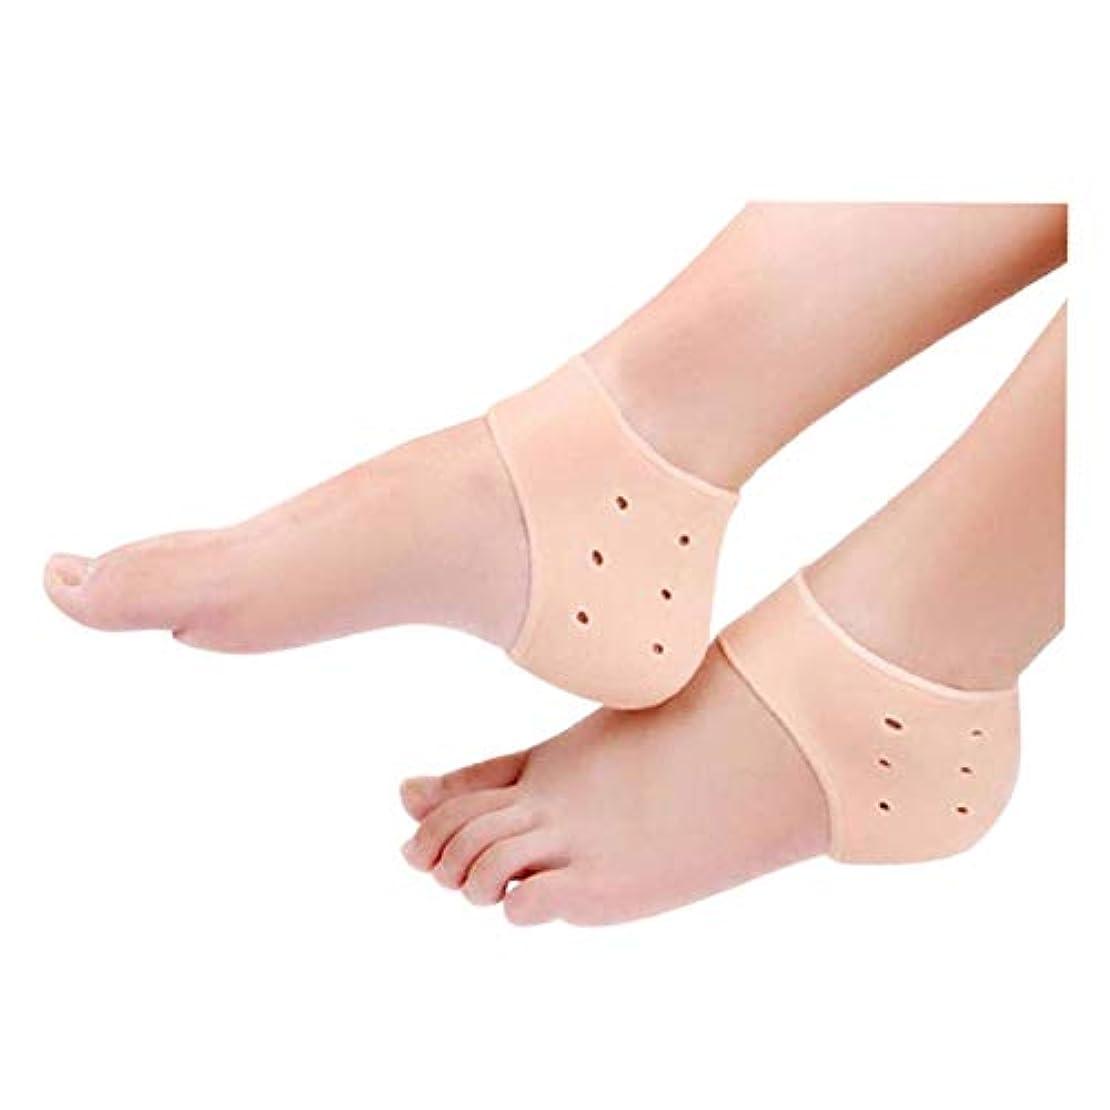 軌道ブレイズ涙が出るかかとケア 靴下 保湿 角質ケア ガサガサ ひび割れ かかと保護カバー かかとパッド シリコンゲル 足底筋膜炎インソール